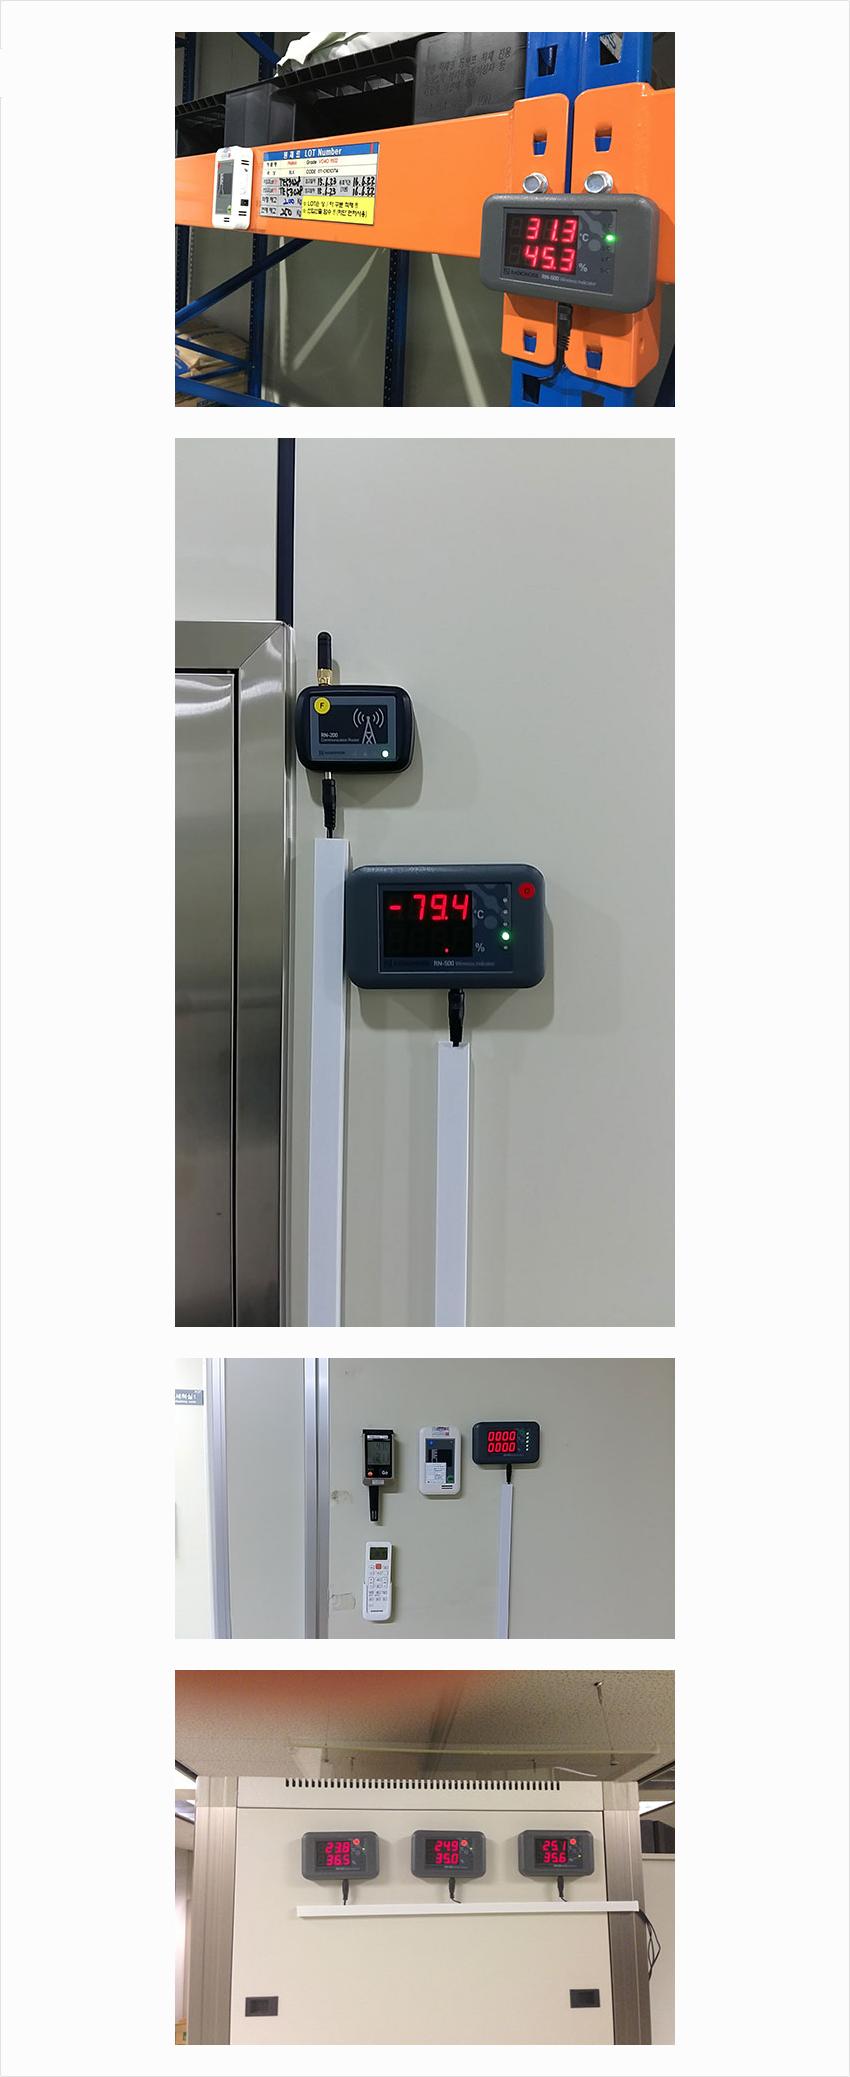 (주)와이즈맥스 무선디스플레이 RN-500 1